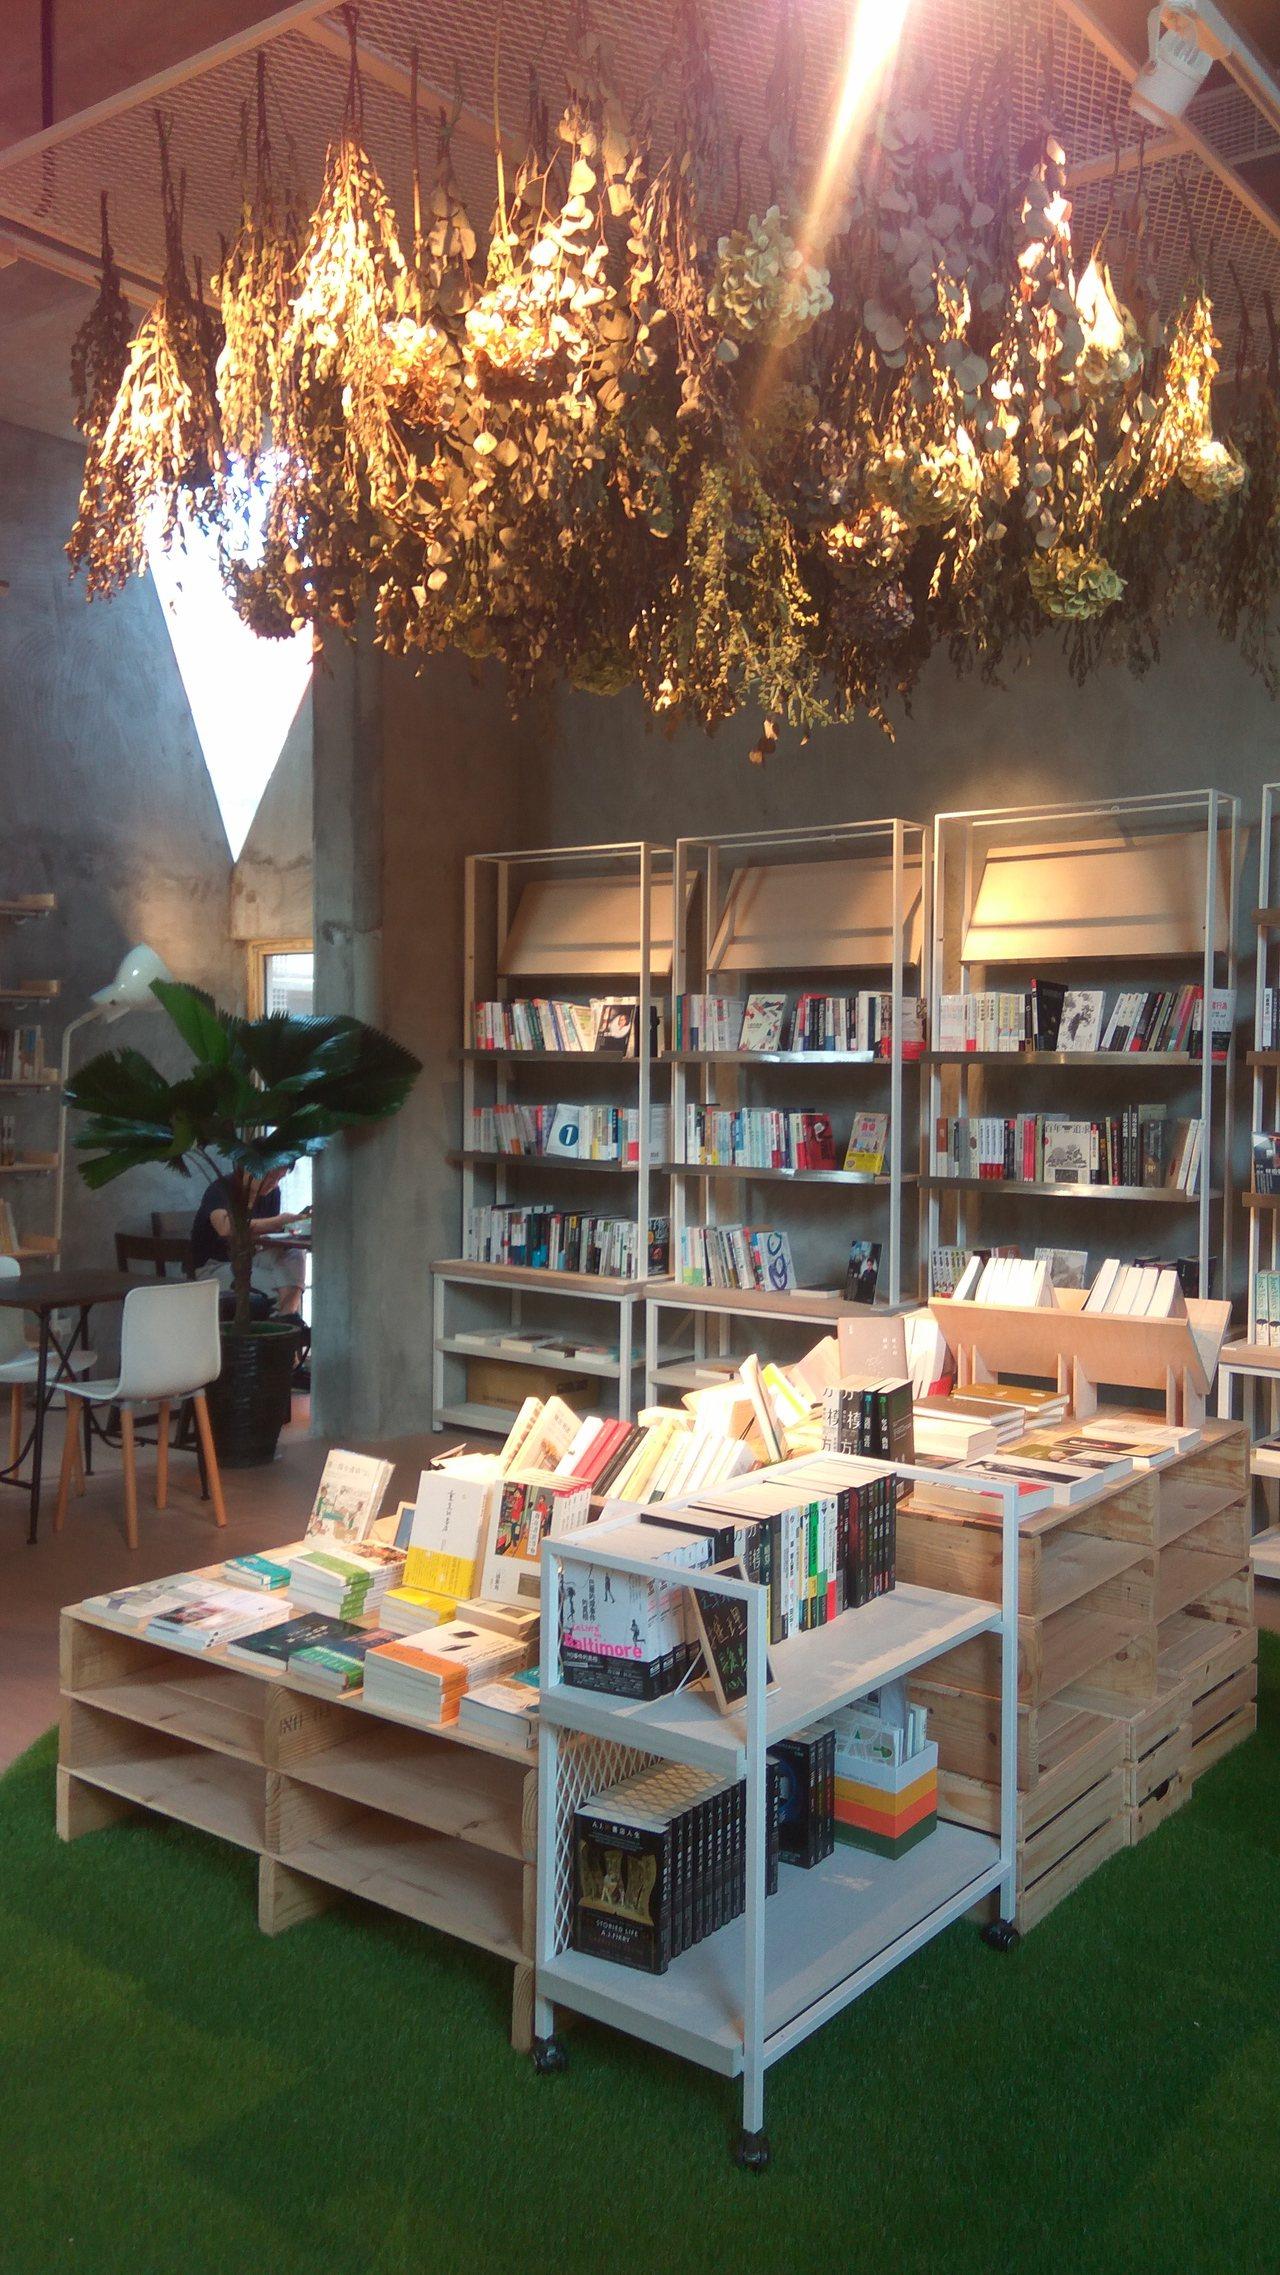 位於華山文創園區的青鳥書店,在網路上被譽為是「最有氣質書店」,10月1日試營運至...